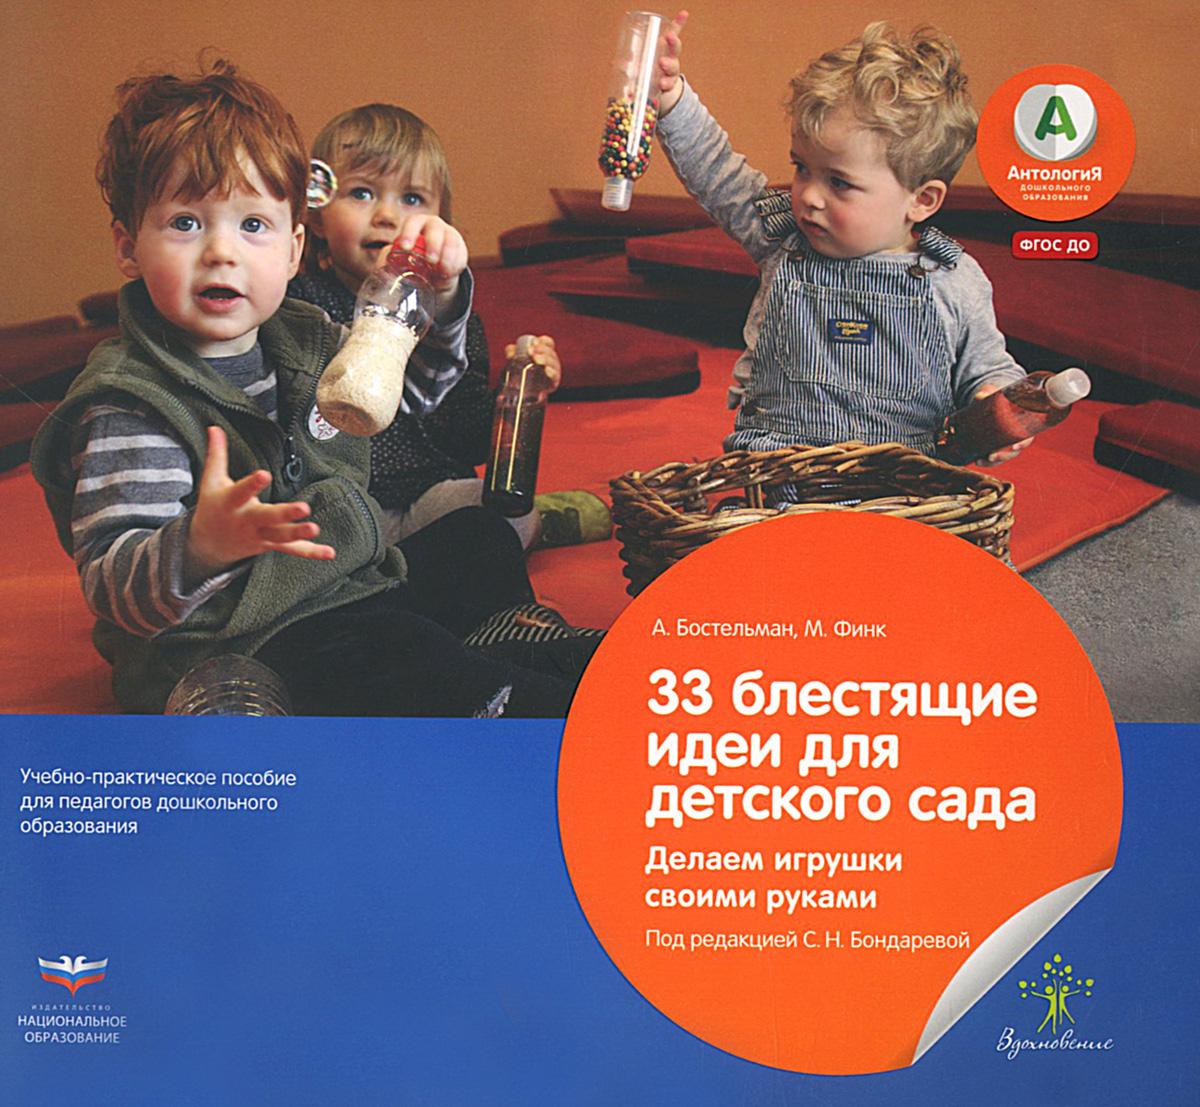 33 блестящие идеи для детского сада. Делаем игрушки своими руками